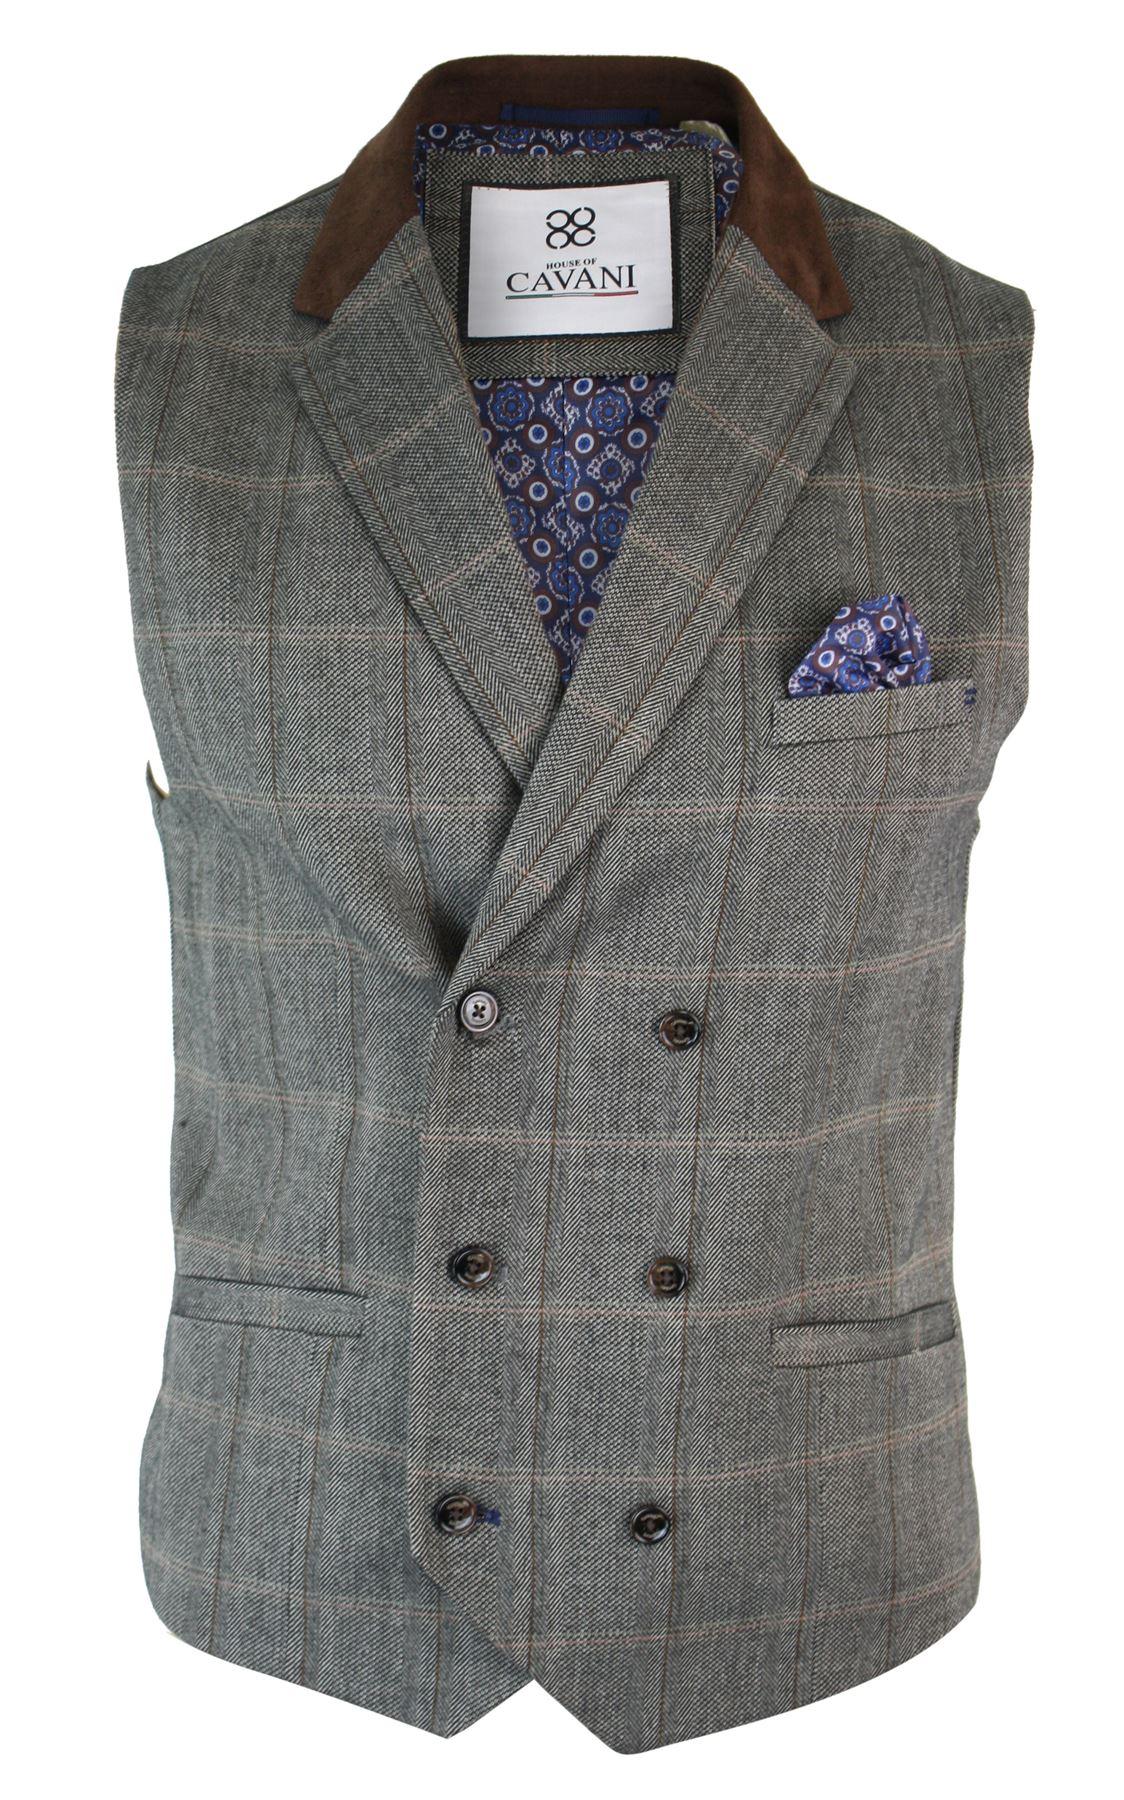 Mens-Double-Breasted-Herringbone-Tweed-Peaky-Blinders-Vintage-Check-Waistcoat miniatuur 28